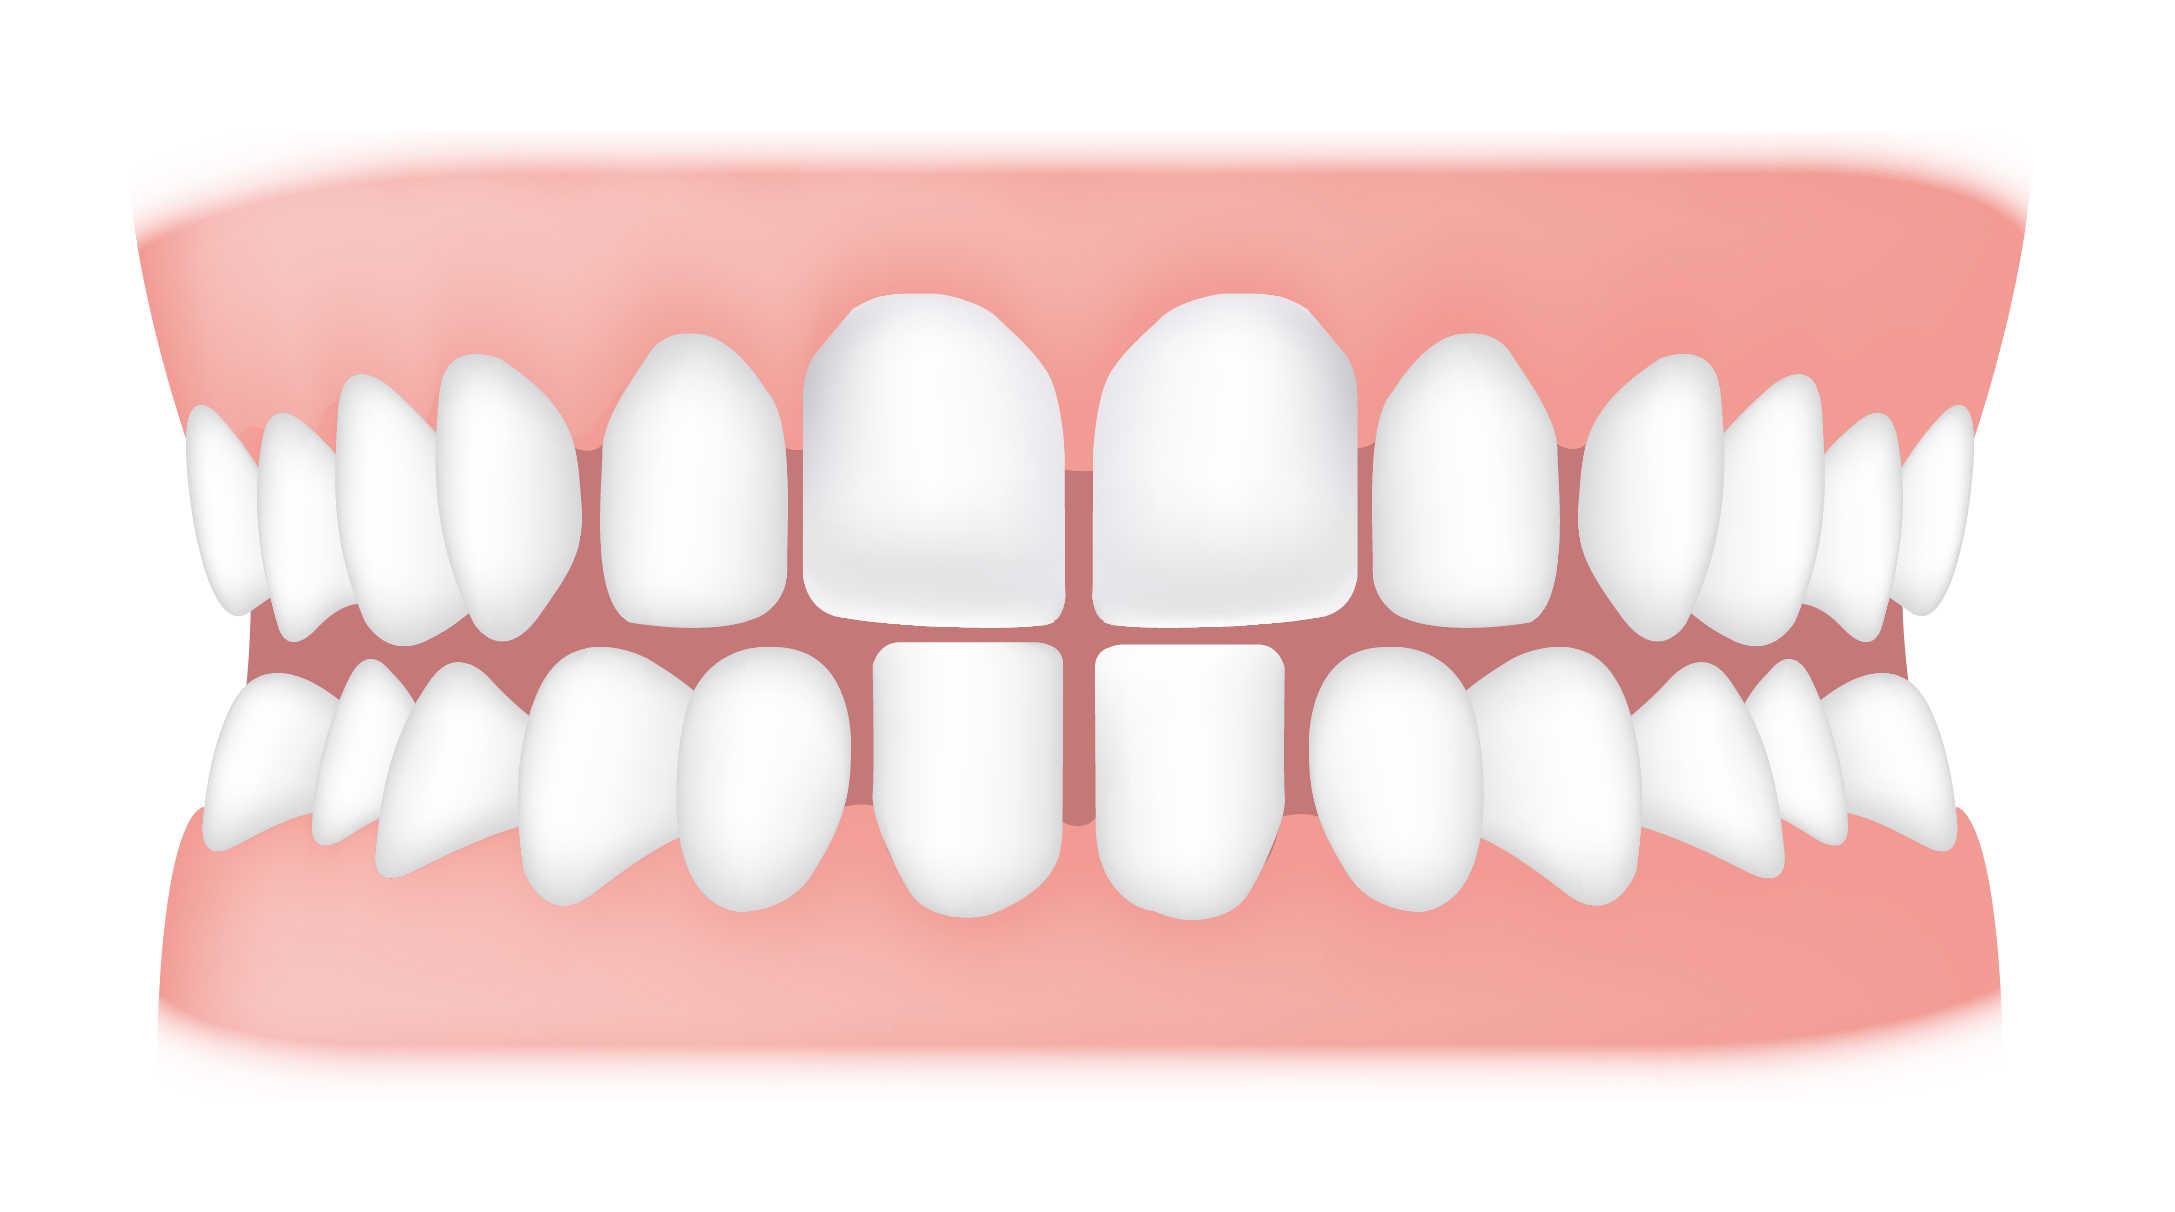 Spacing between tooth